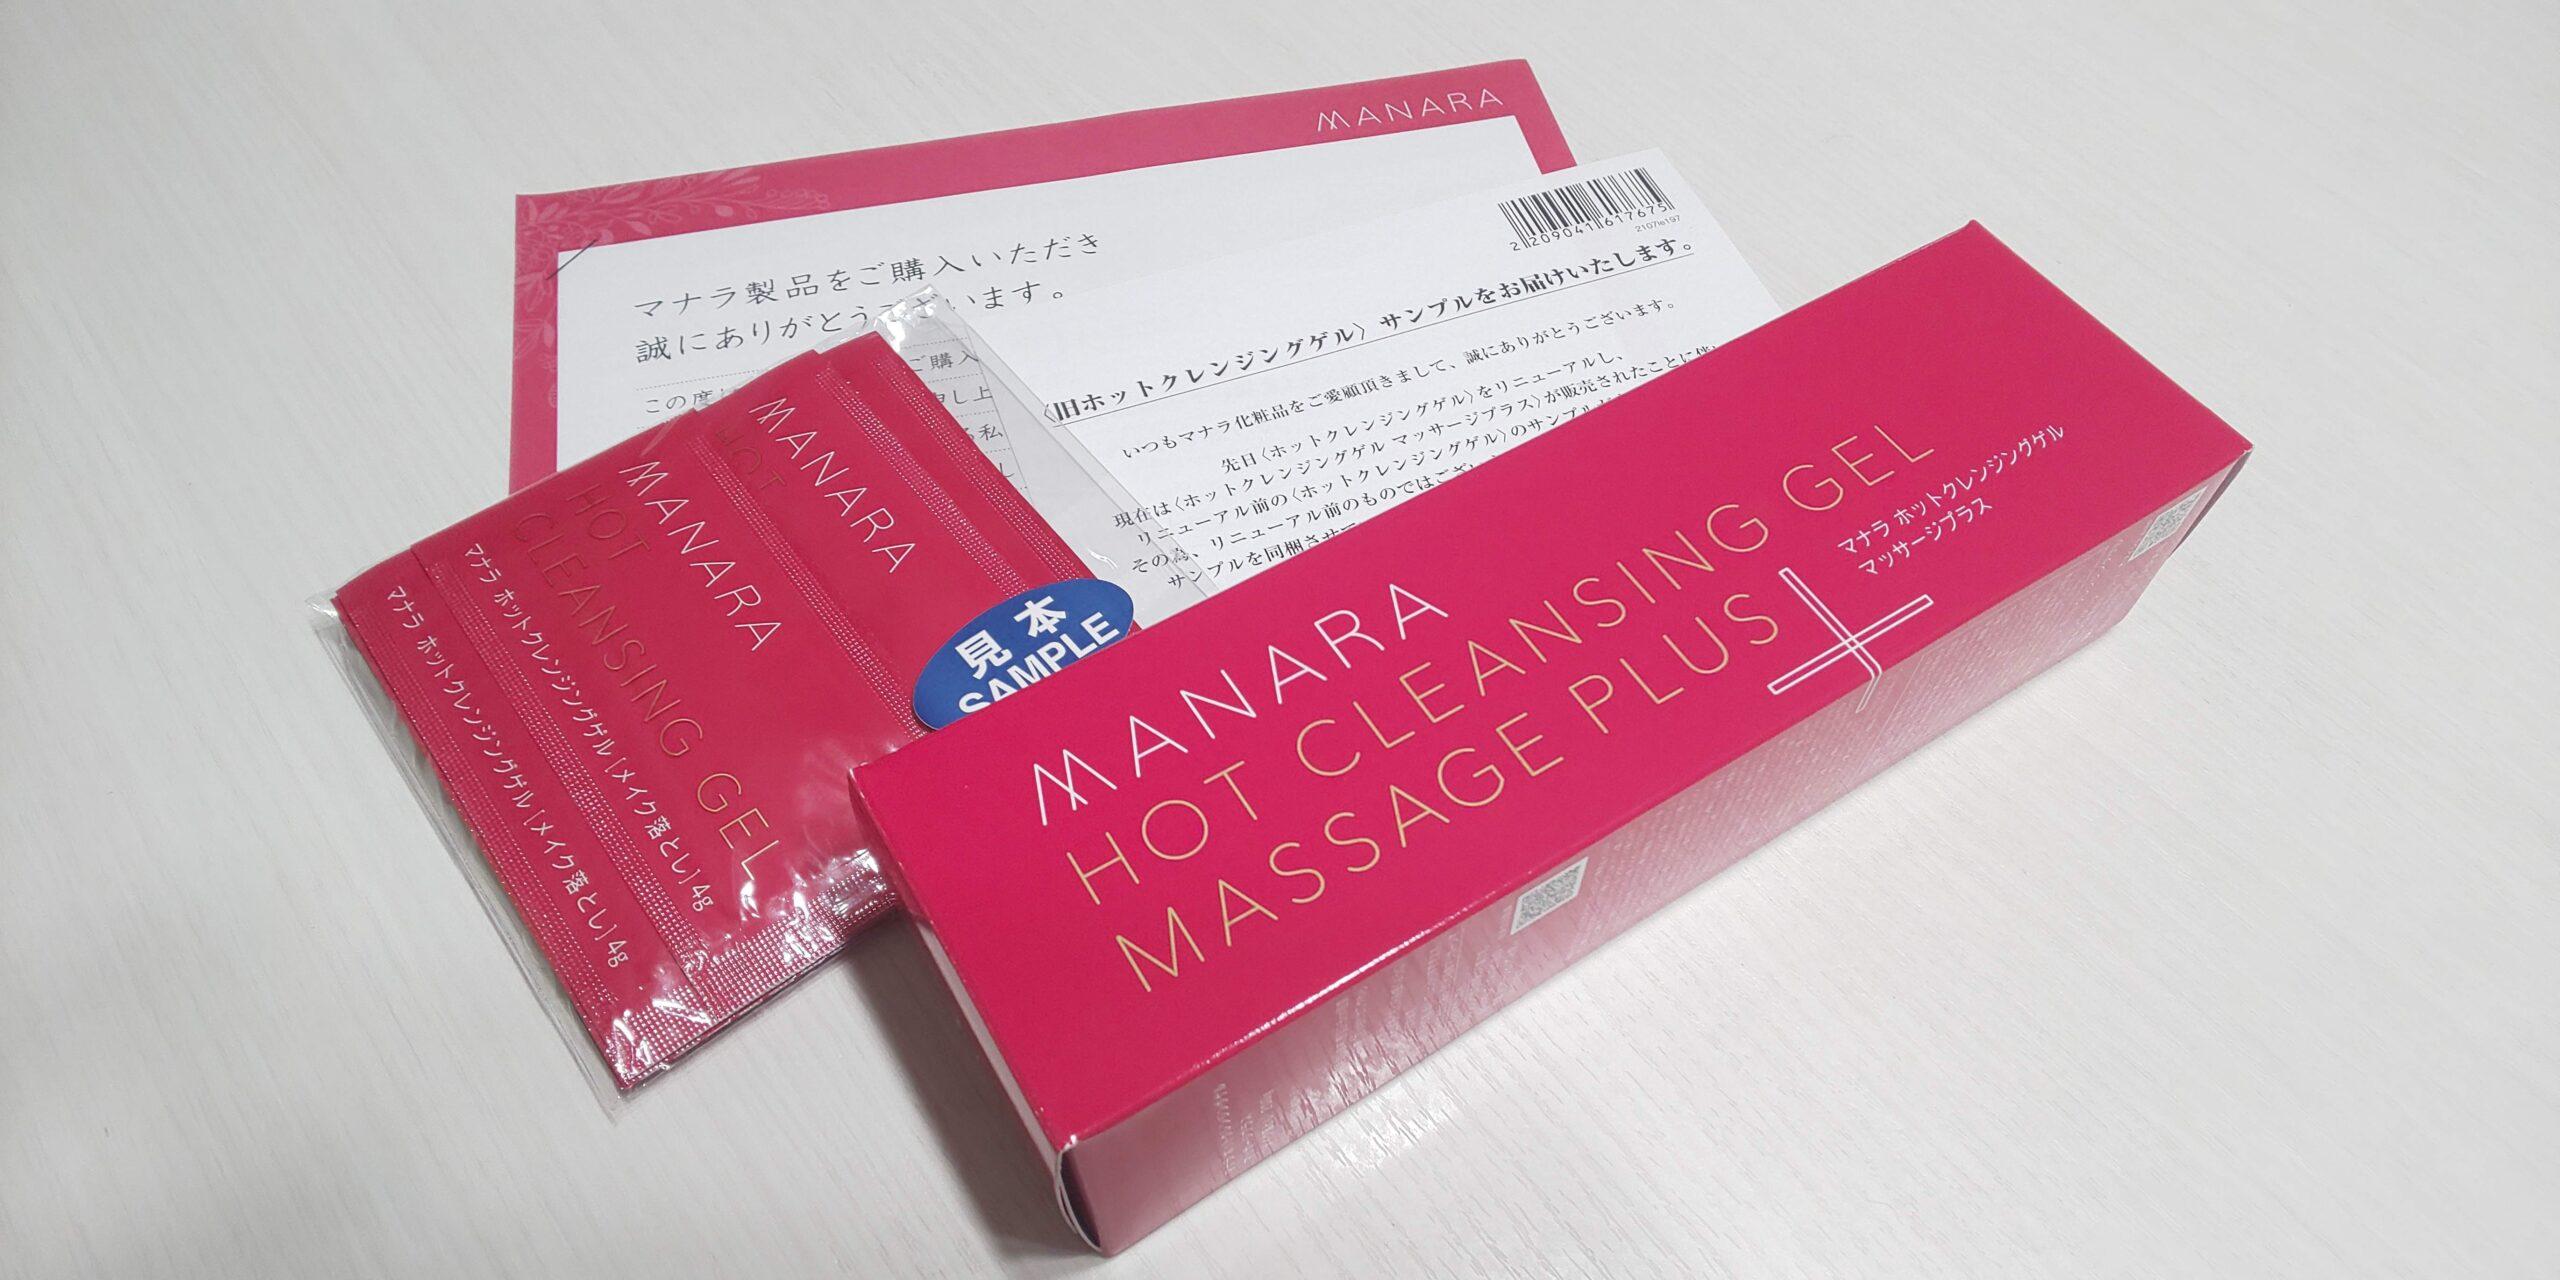 マナラホットクレンジングゲルマッサージプラス本品とサンプル